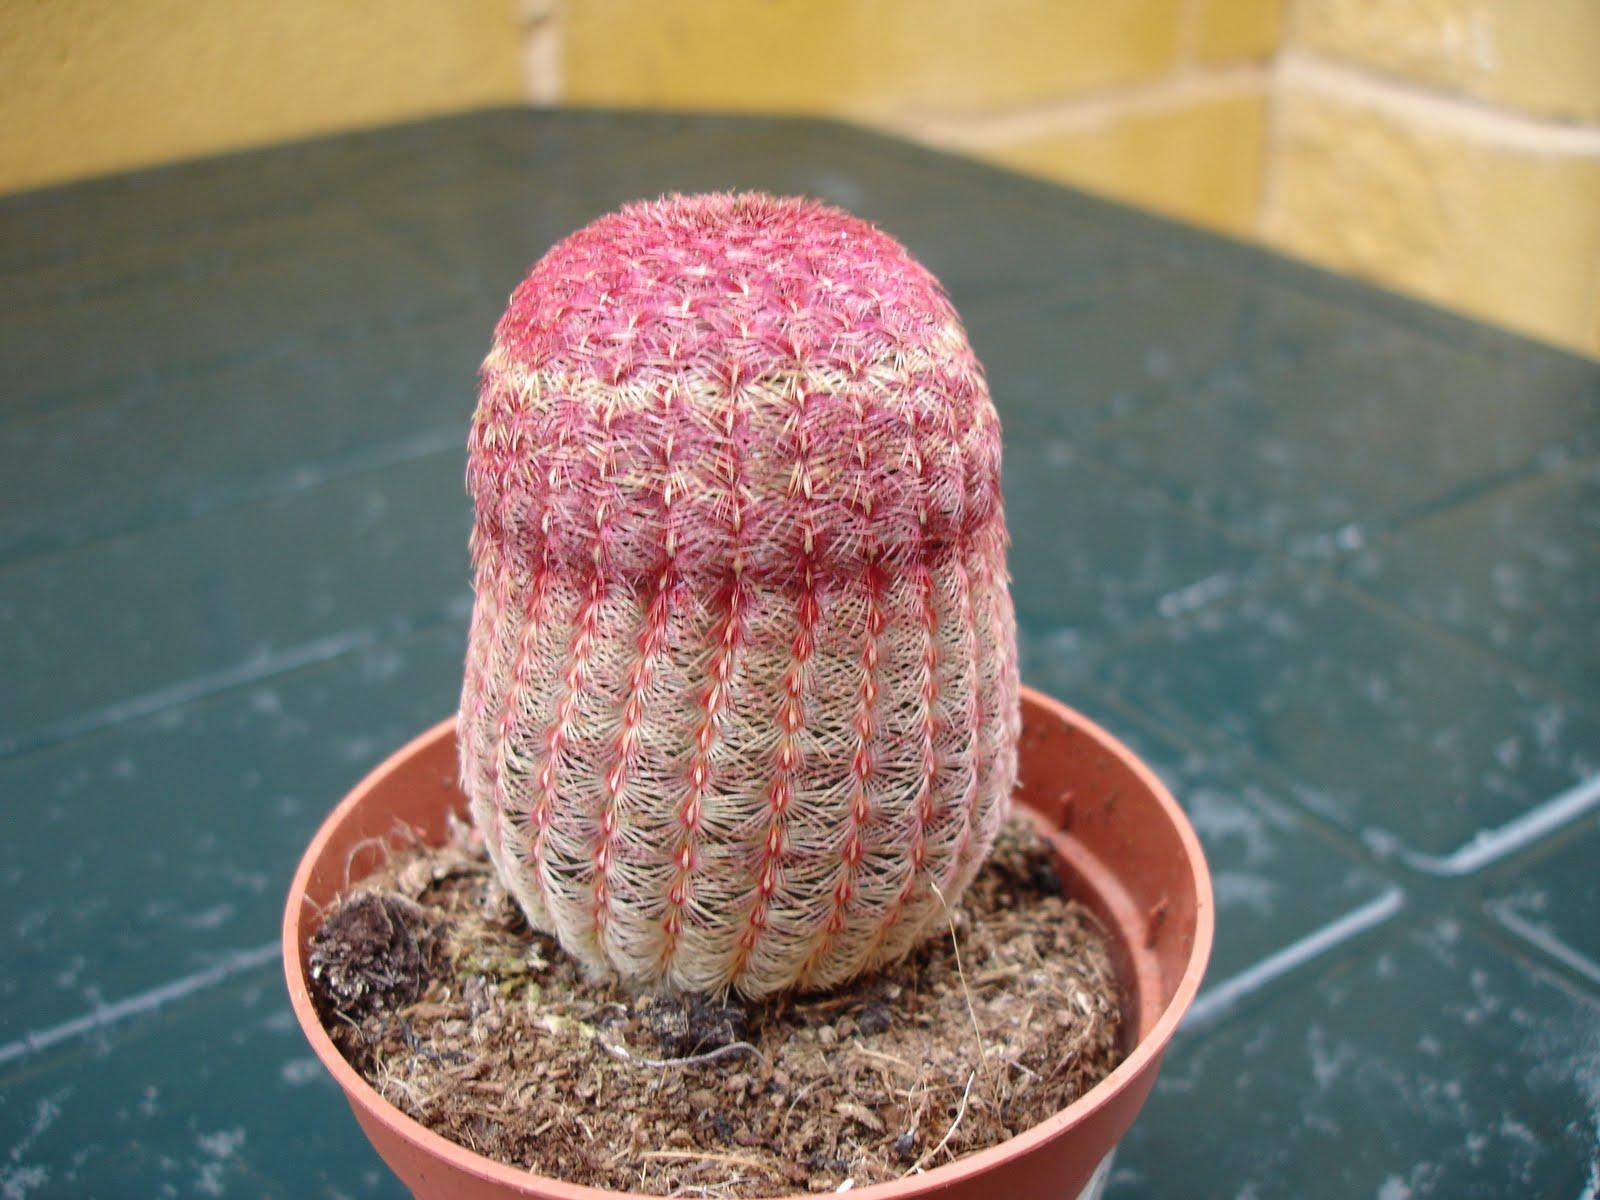 La casa de los cactus echinocereus rigidissimus ssp for Nombres de cactus